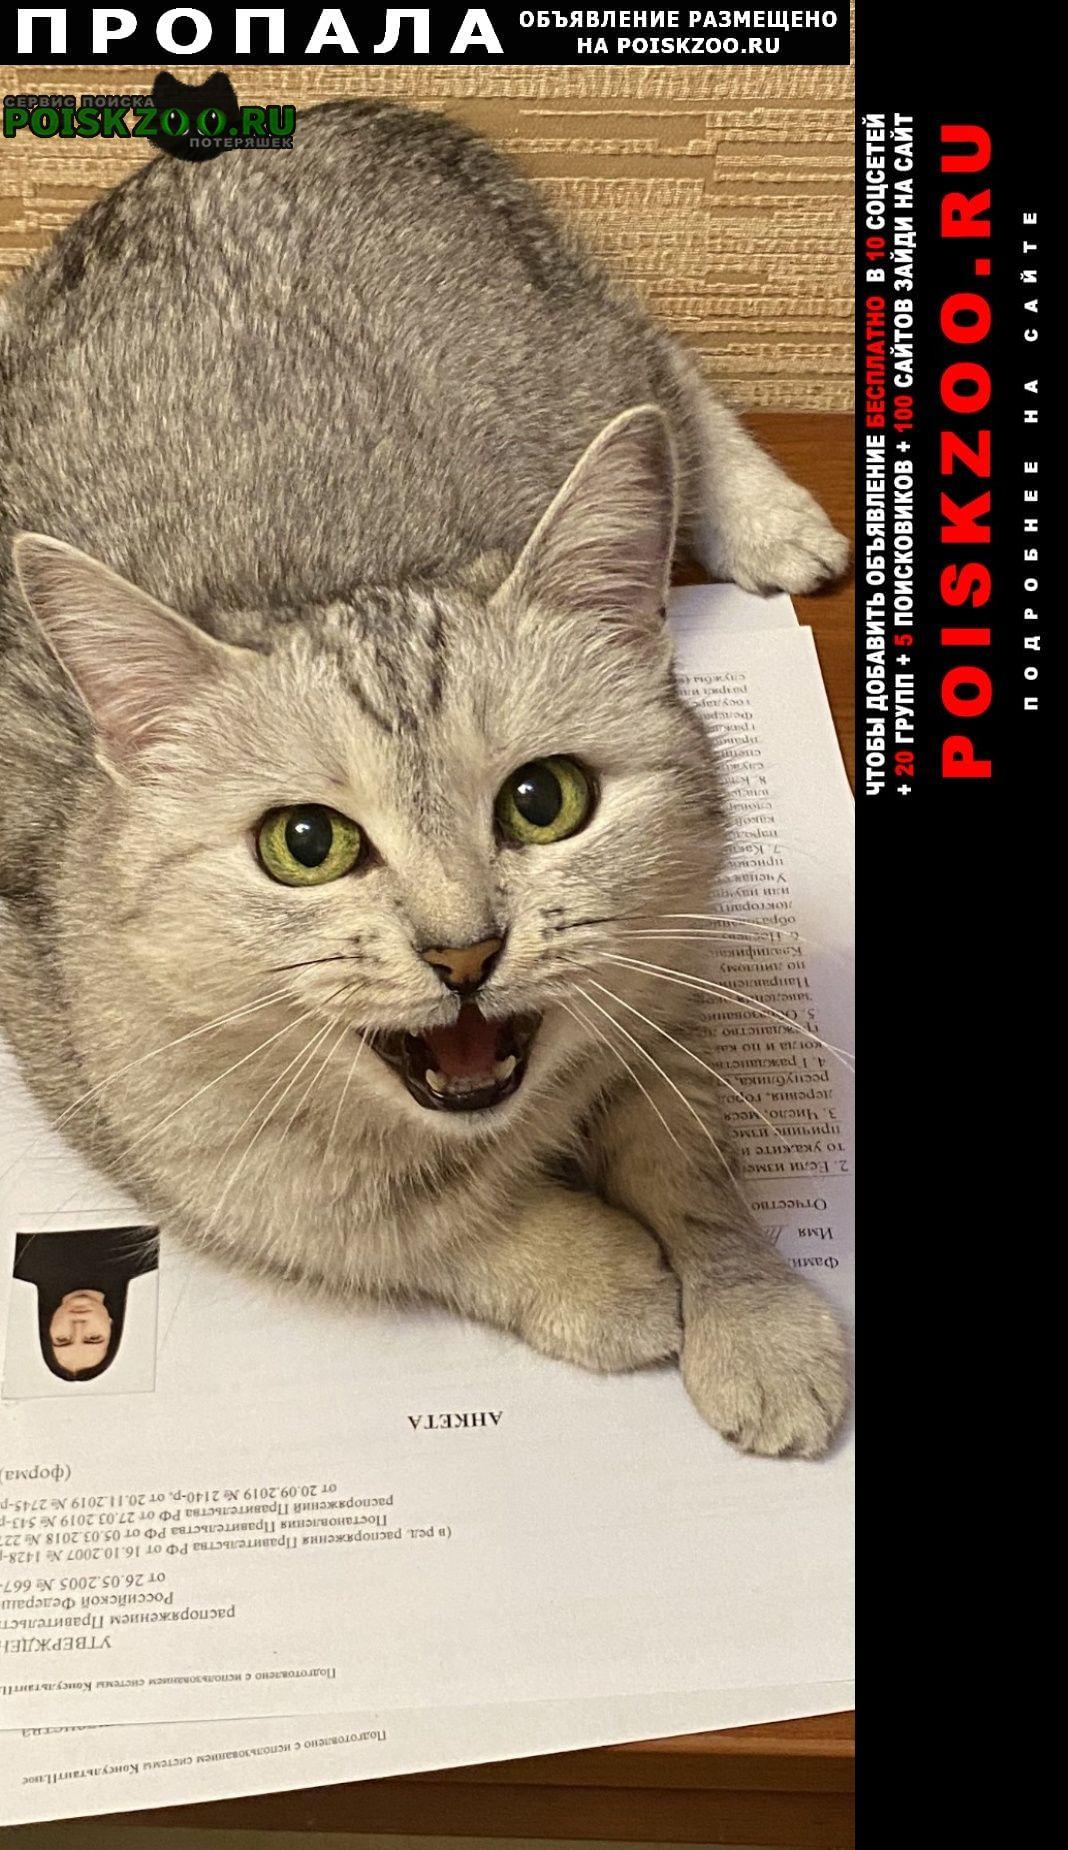 Пропала кошка просьба вернуть за вознаграждение Пенза